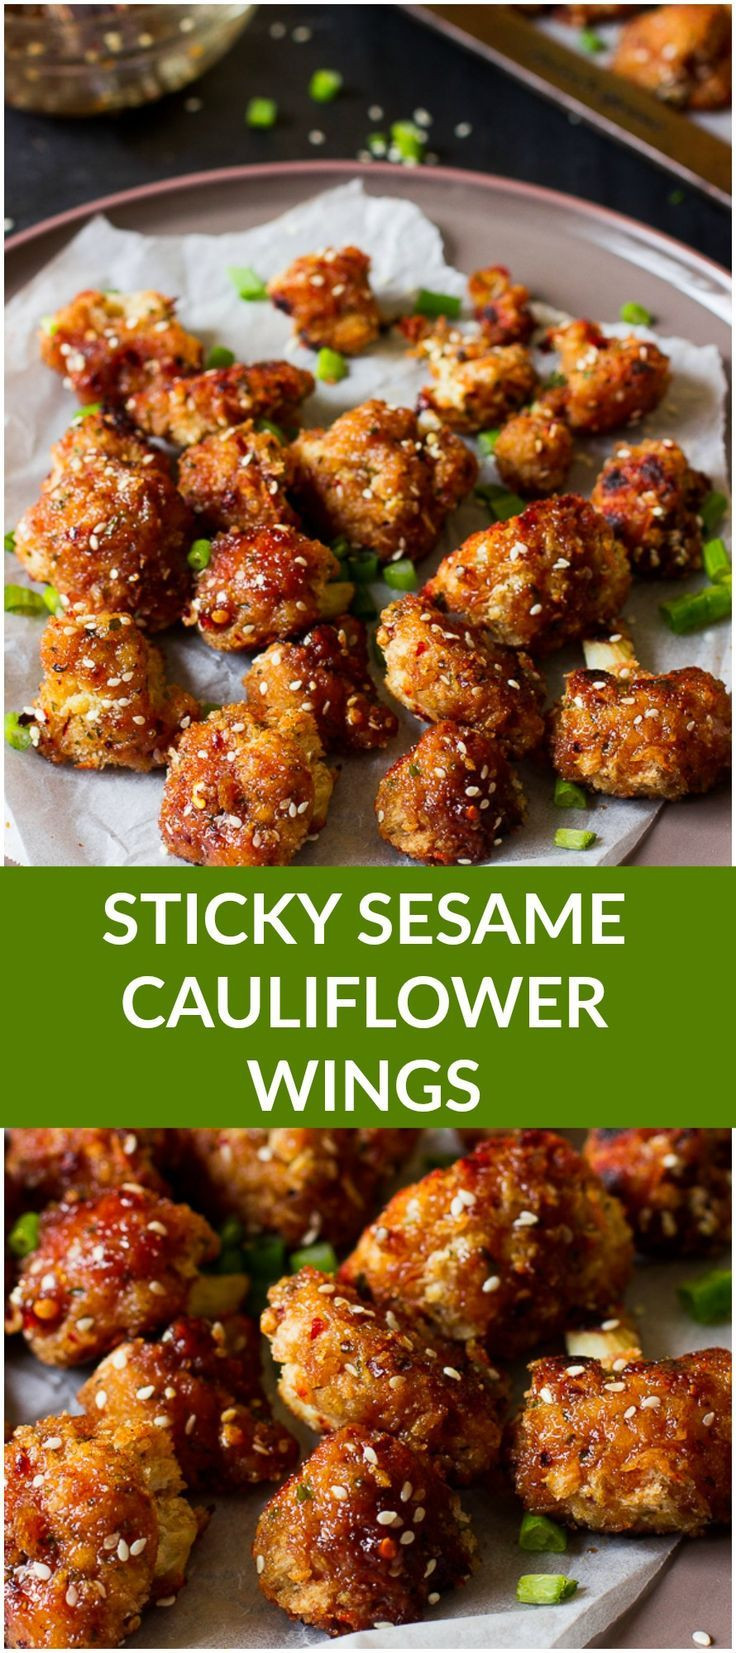 Cauliflower Recipes Vegan  Pin by Nick Olsen on Vegan & GF Mains